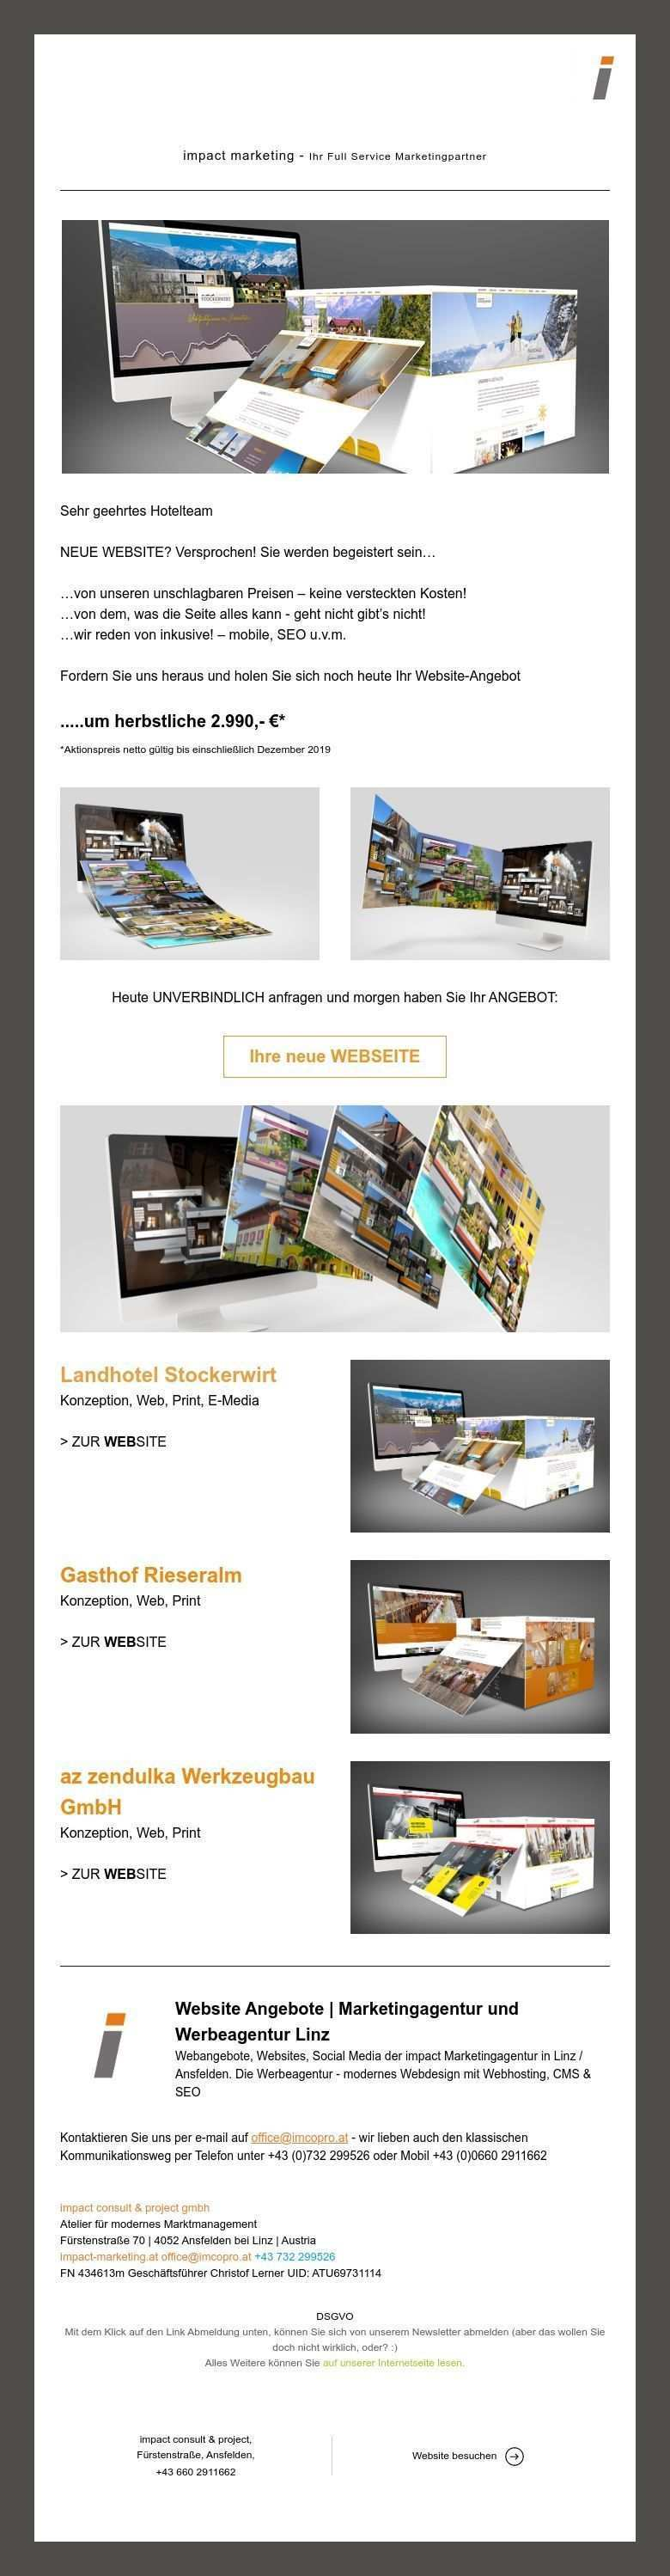 Liebes Team Von Contact Email Webdesign Als Echter Hingucker Klick Rein Web Design Webdesign Echt Jetzt